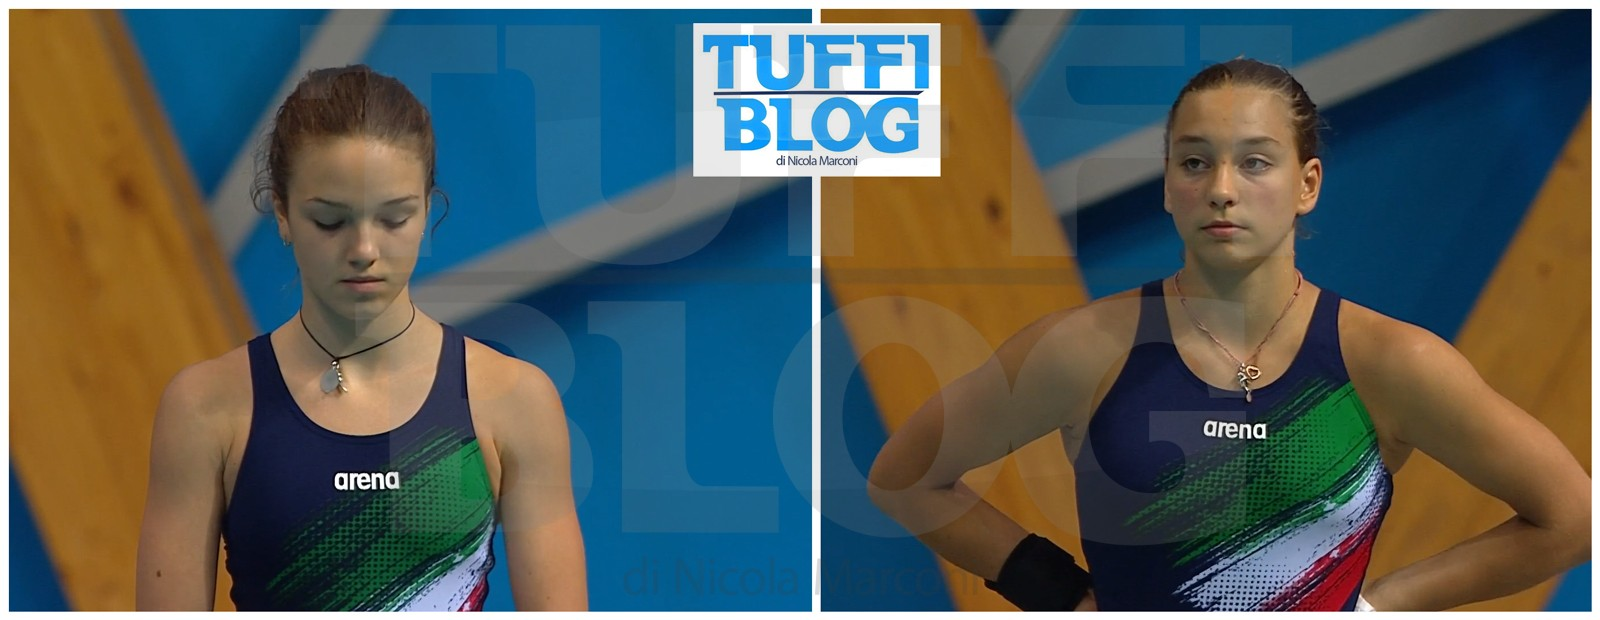 Europei Giovanili: Kazan - doppio quarto posto nelle gare femminili